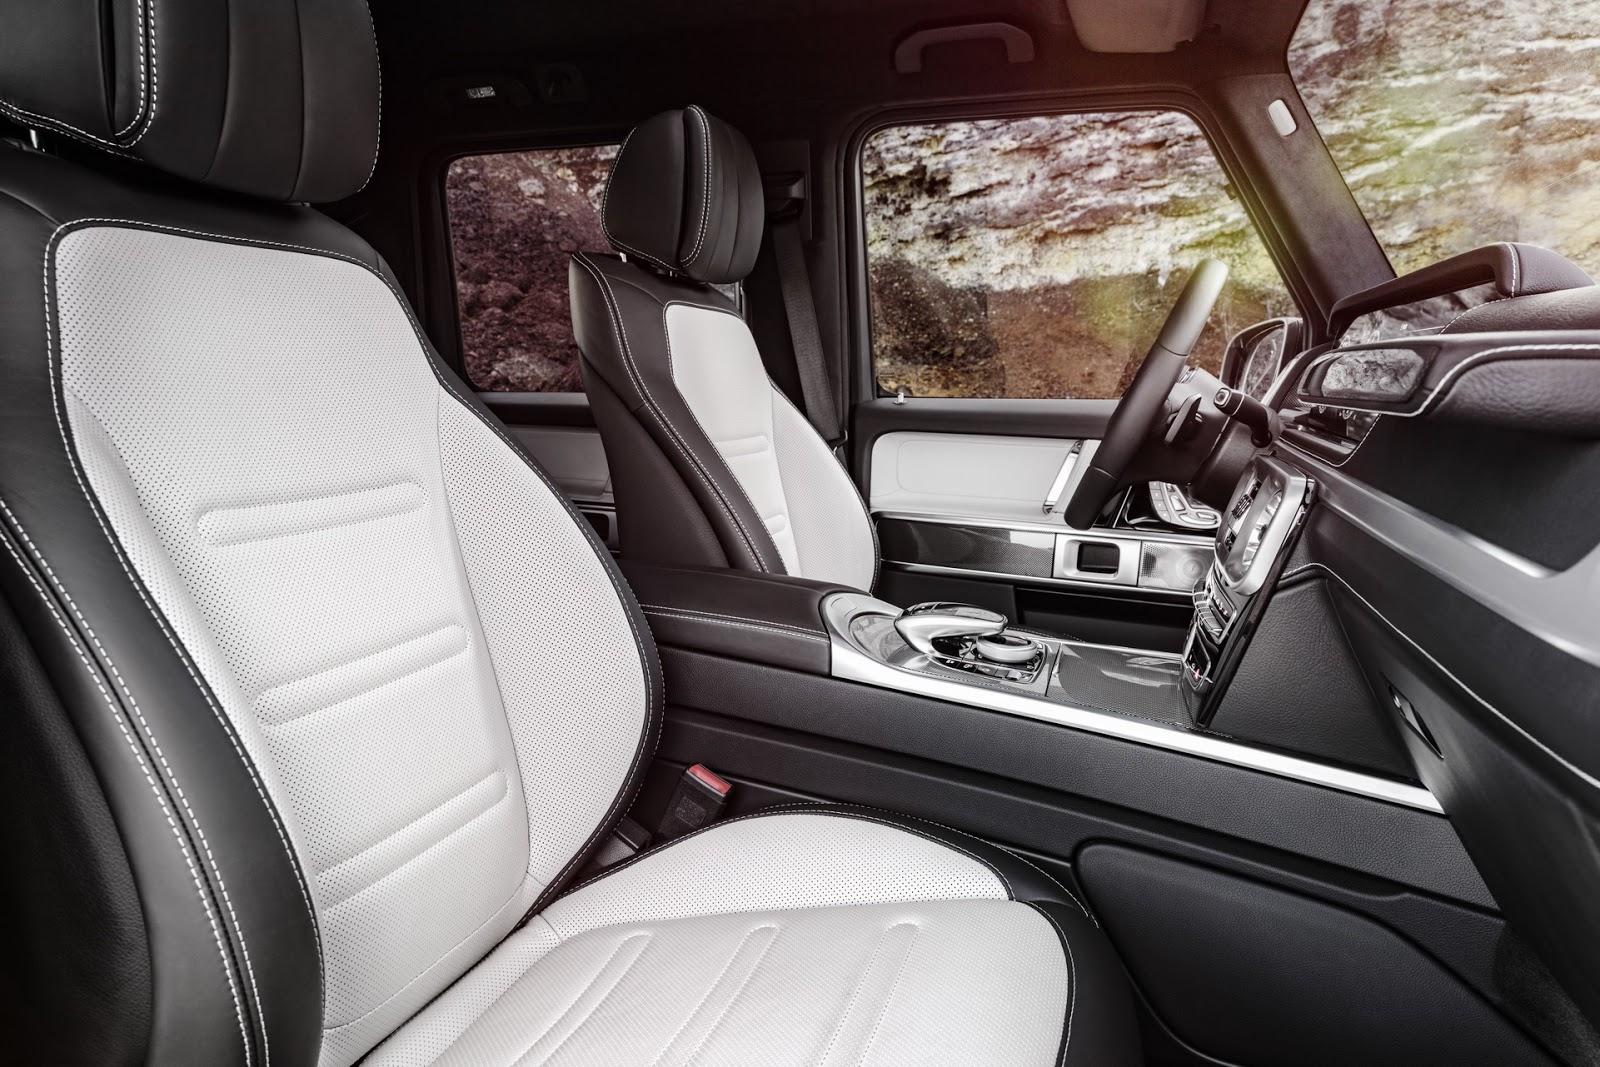 Mercedes-Benz G-Class 2018 (40)